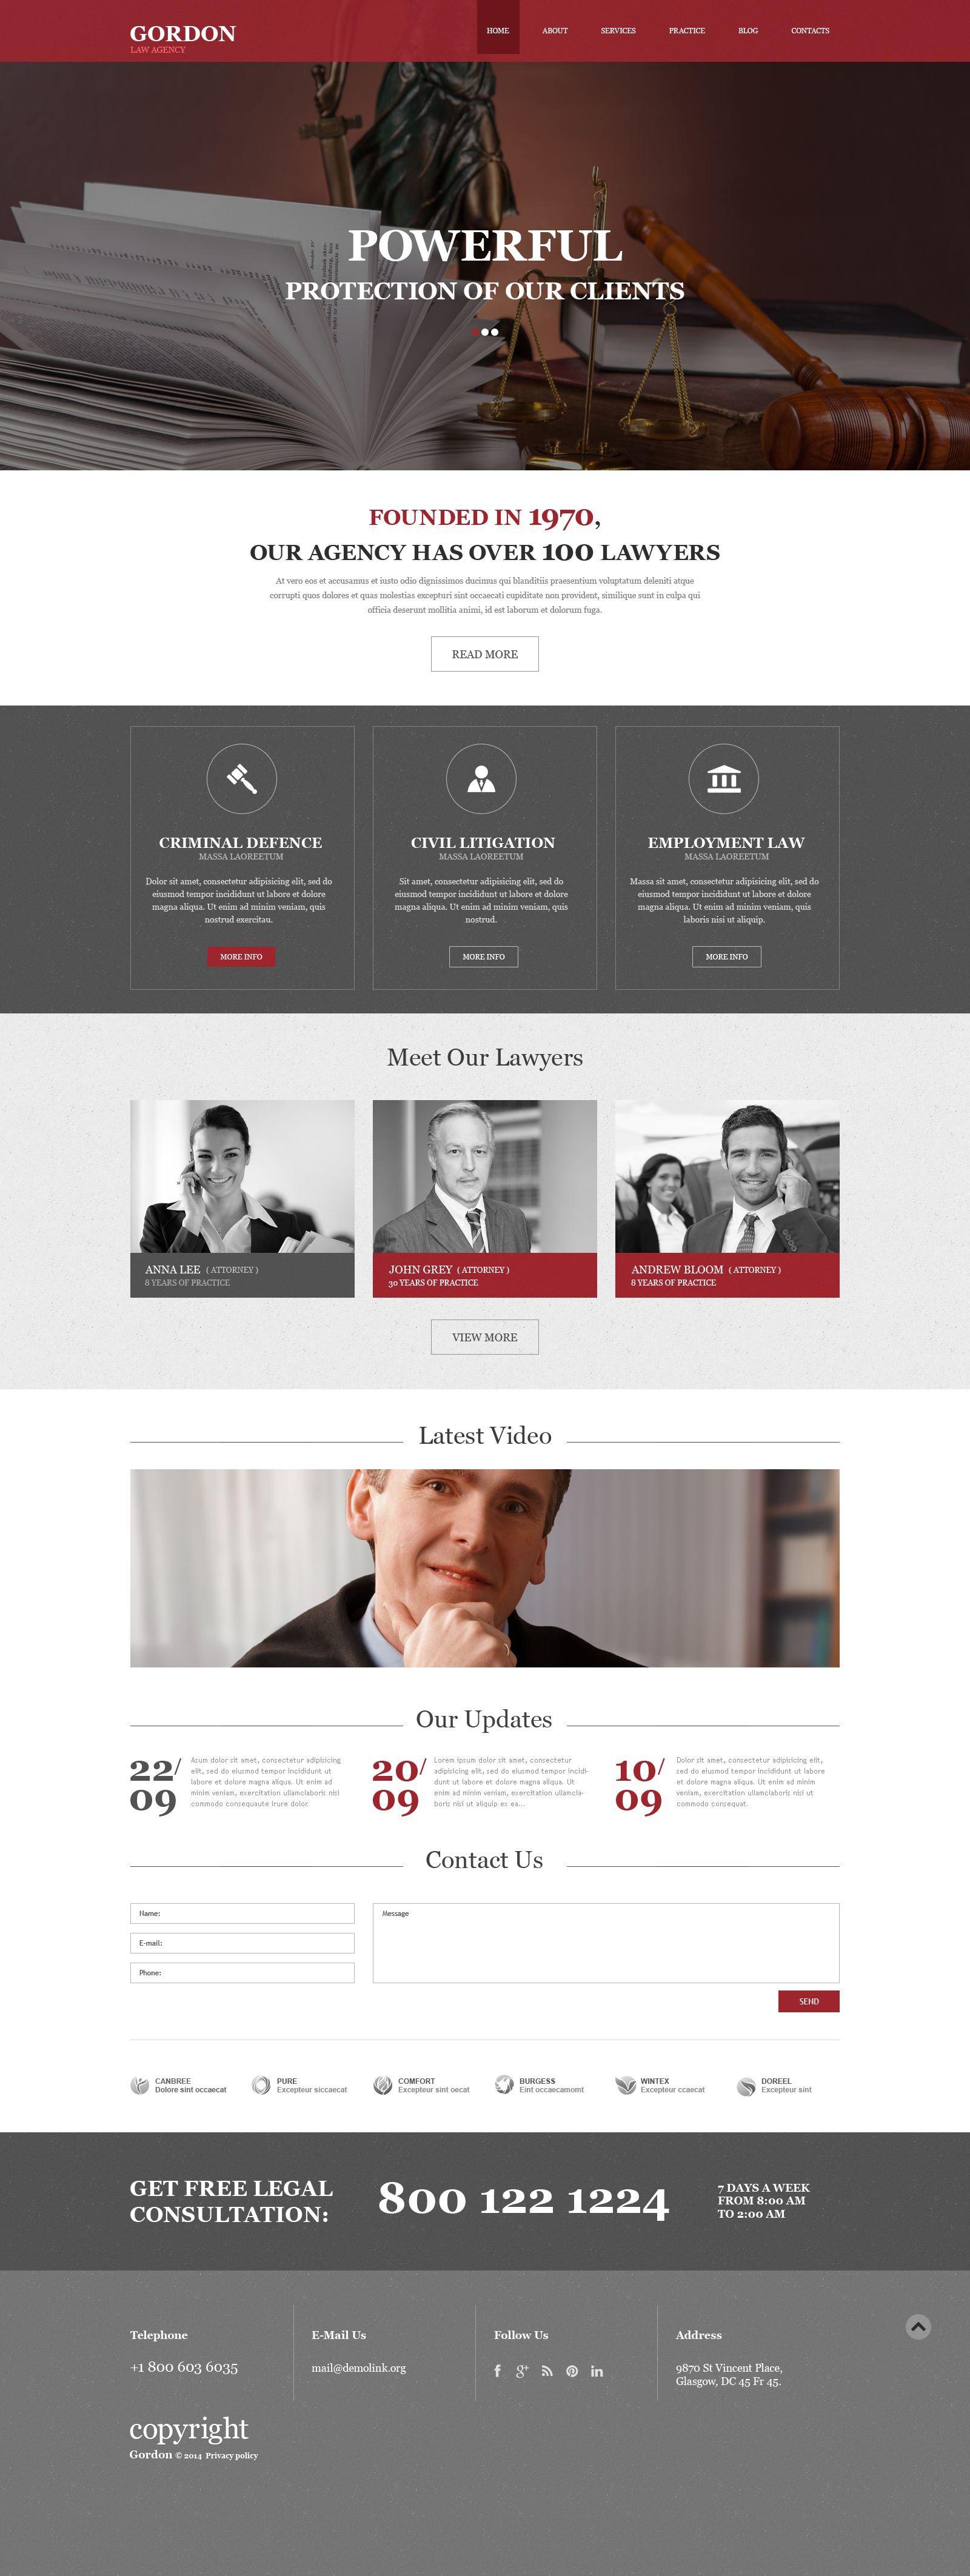 Szablon Muse #52048 na temat: firma prawnicza - zrzut ekranu